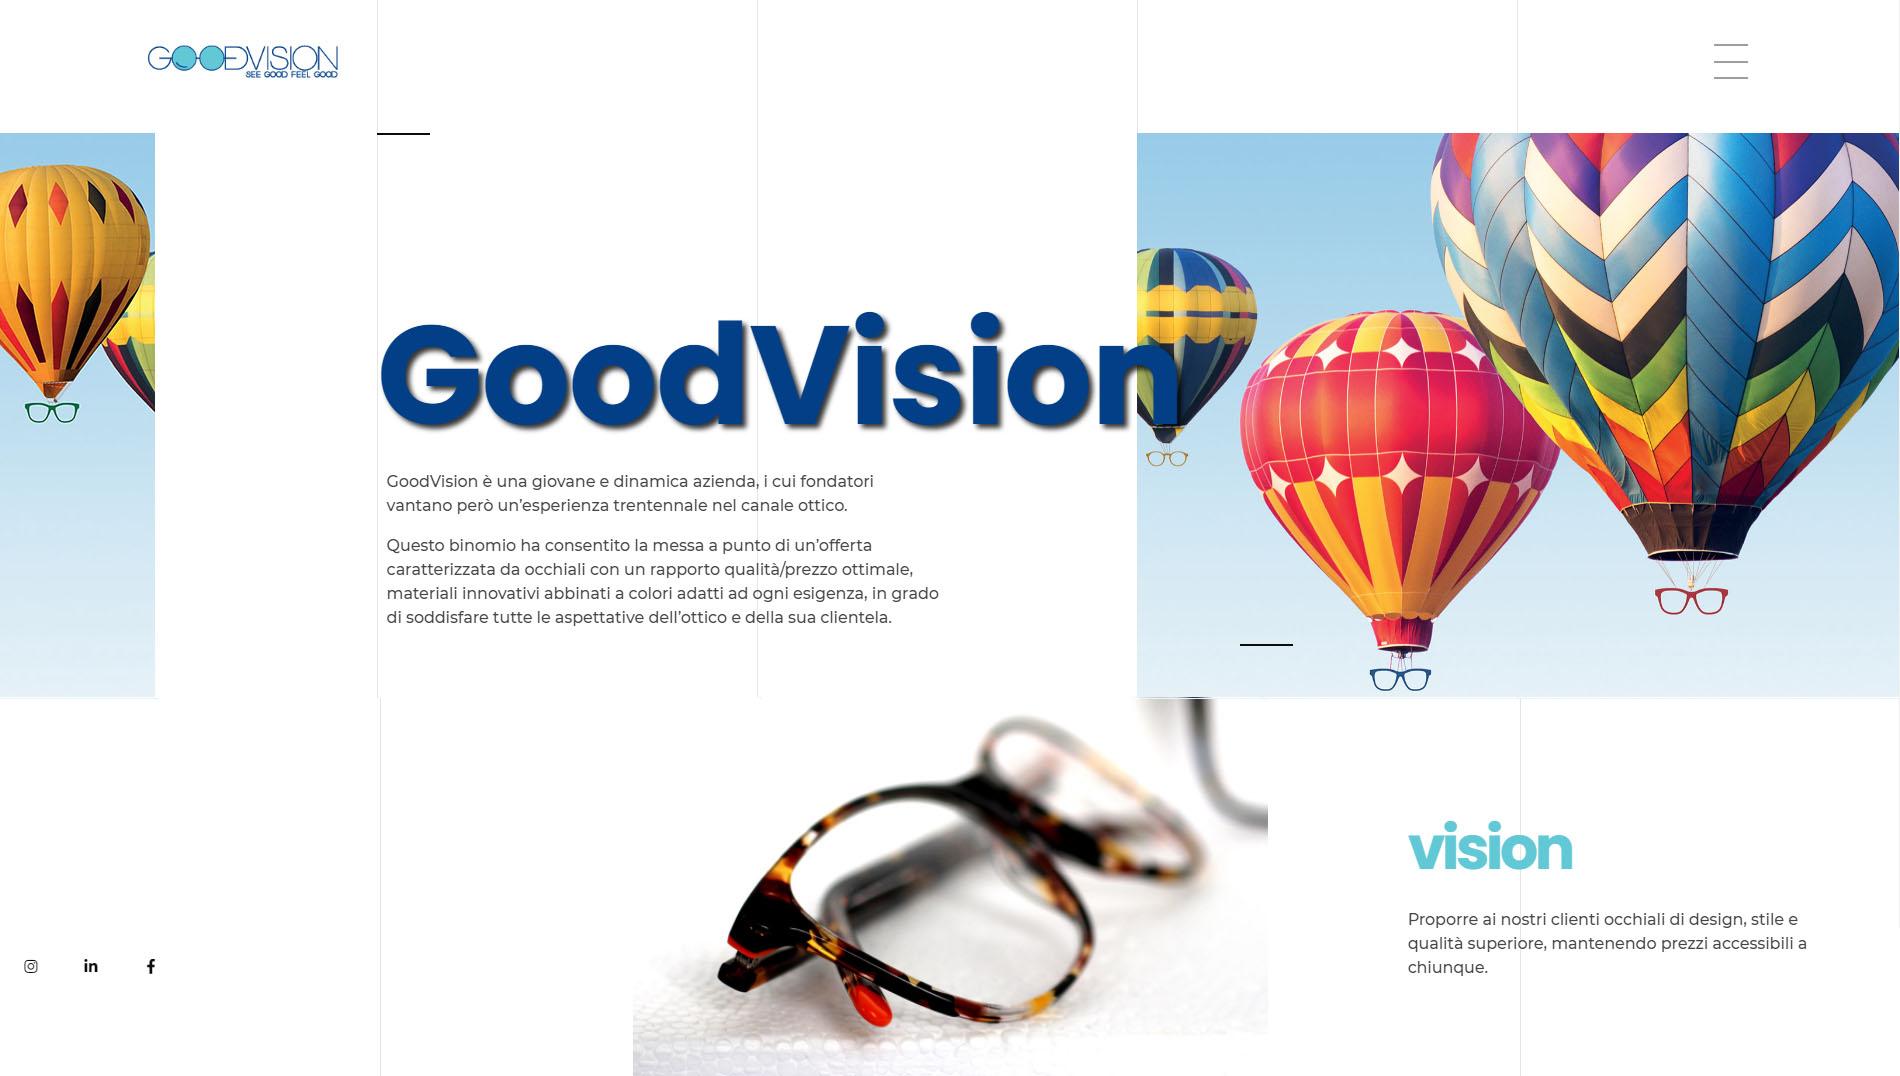 sito web wordpress - goodvision